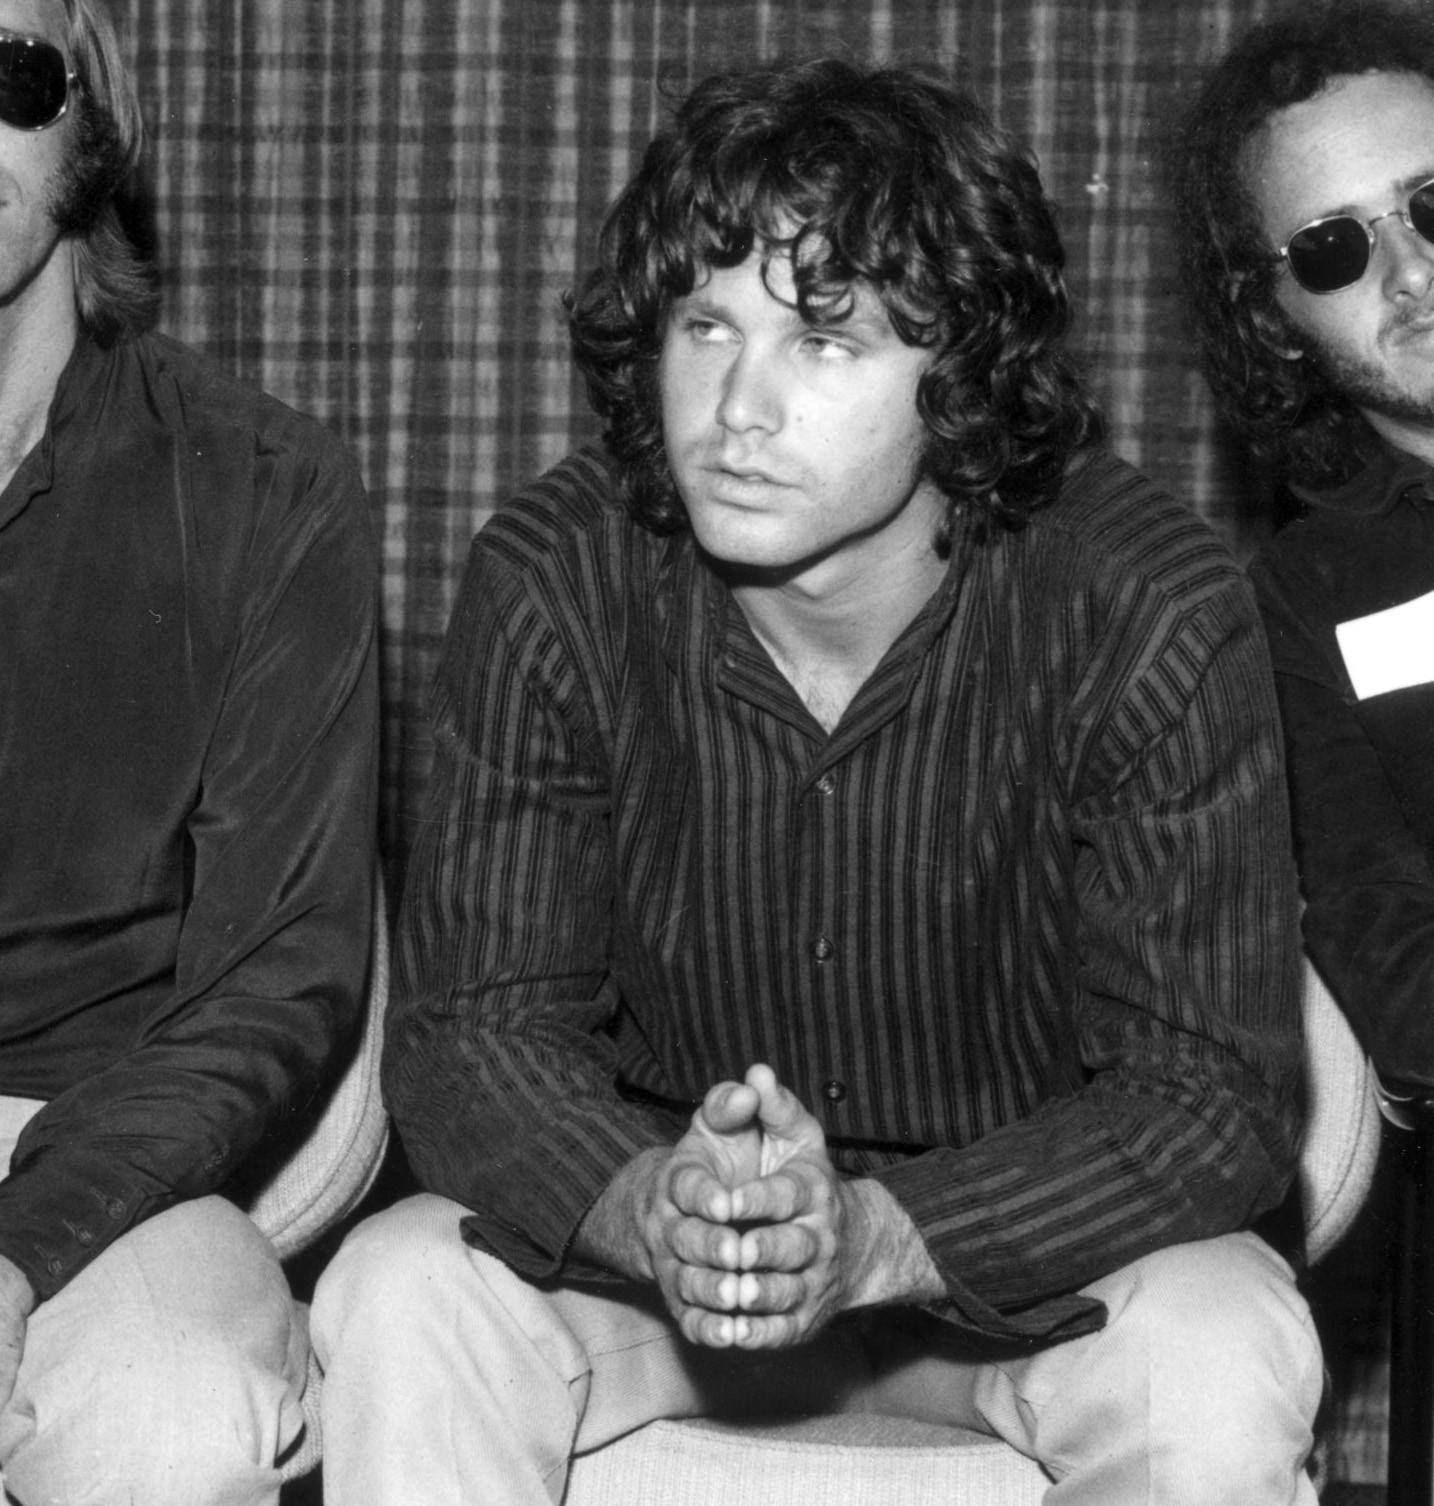 Morrison era um deus do rock no dia que foi achado morto na sua banheira em um apartamento parisiense. O líder do The Doors gostava mesmo era de poesia, contudo nunca conseguiu atingir esse desejo. Sua morte foi causada por uma overdose de heroína. (Foto: Getty Images)